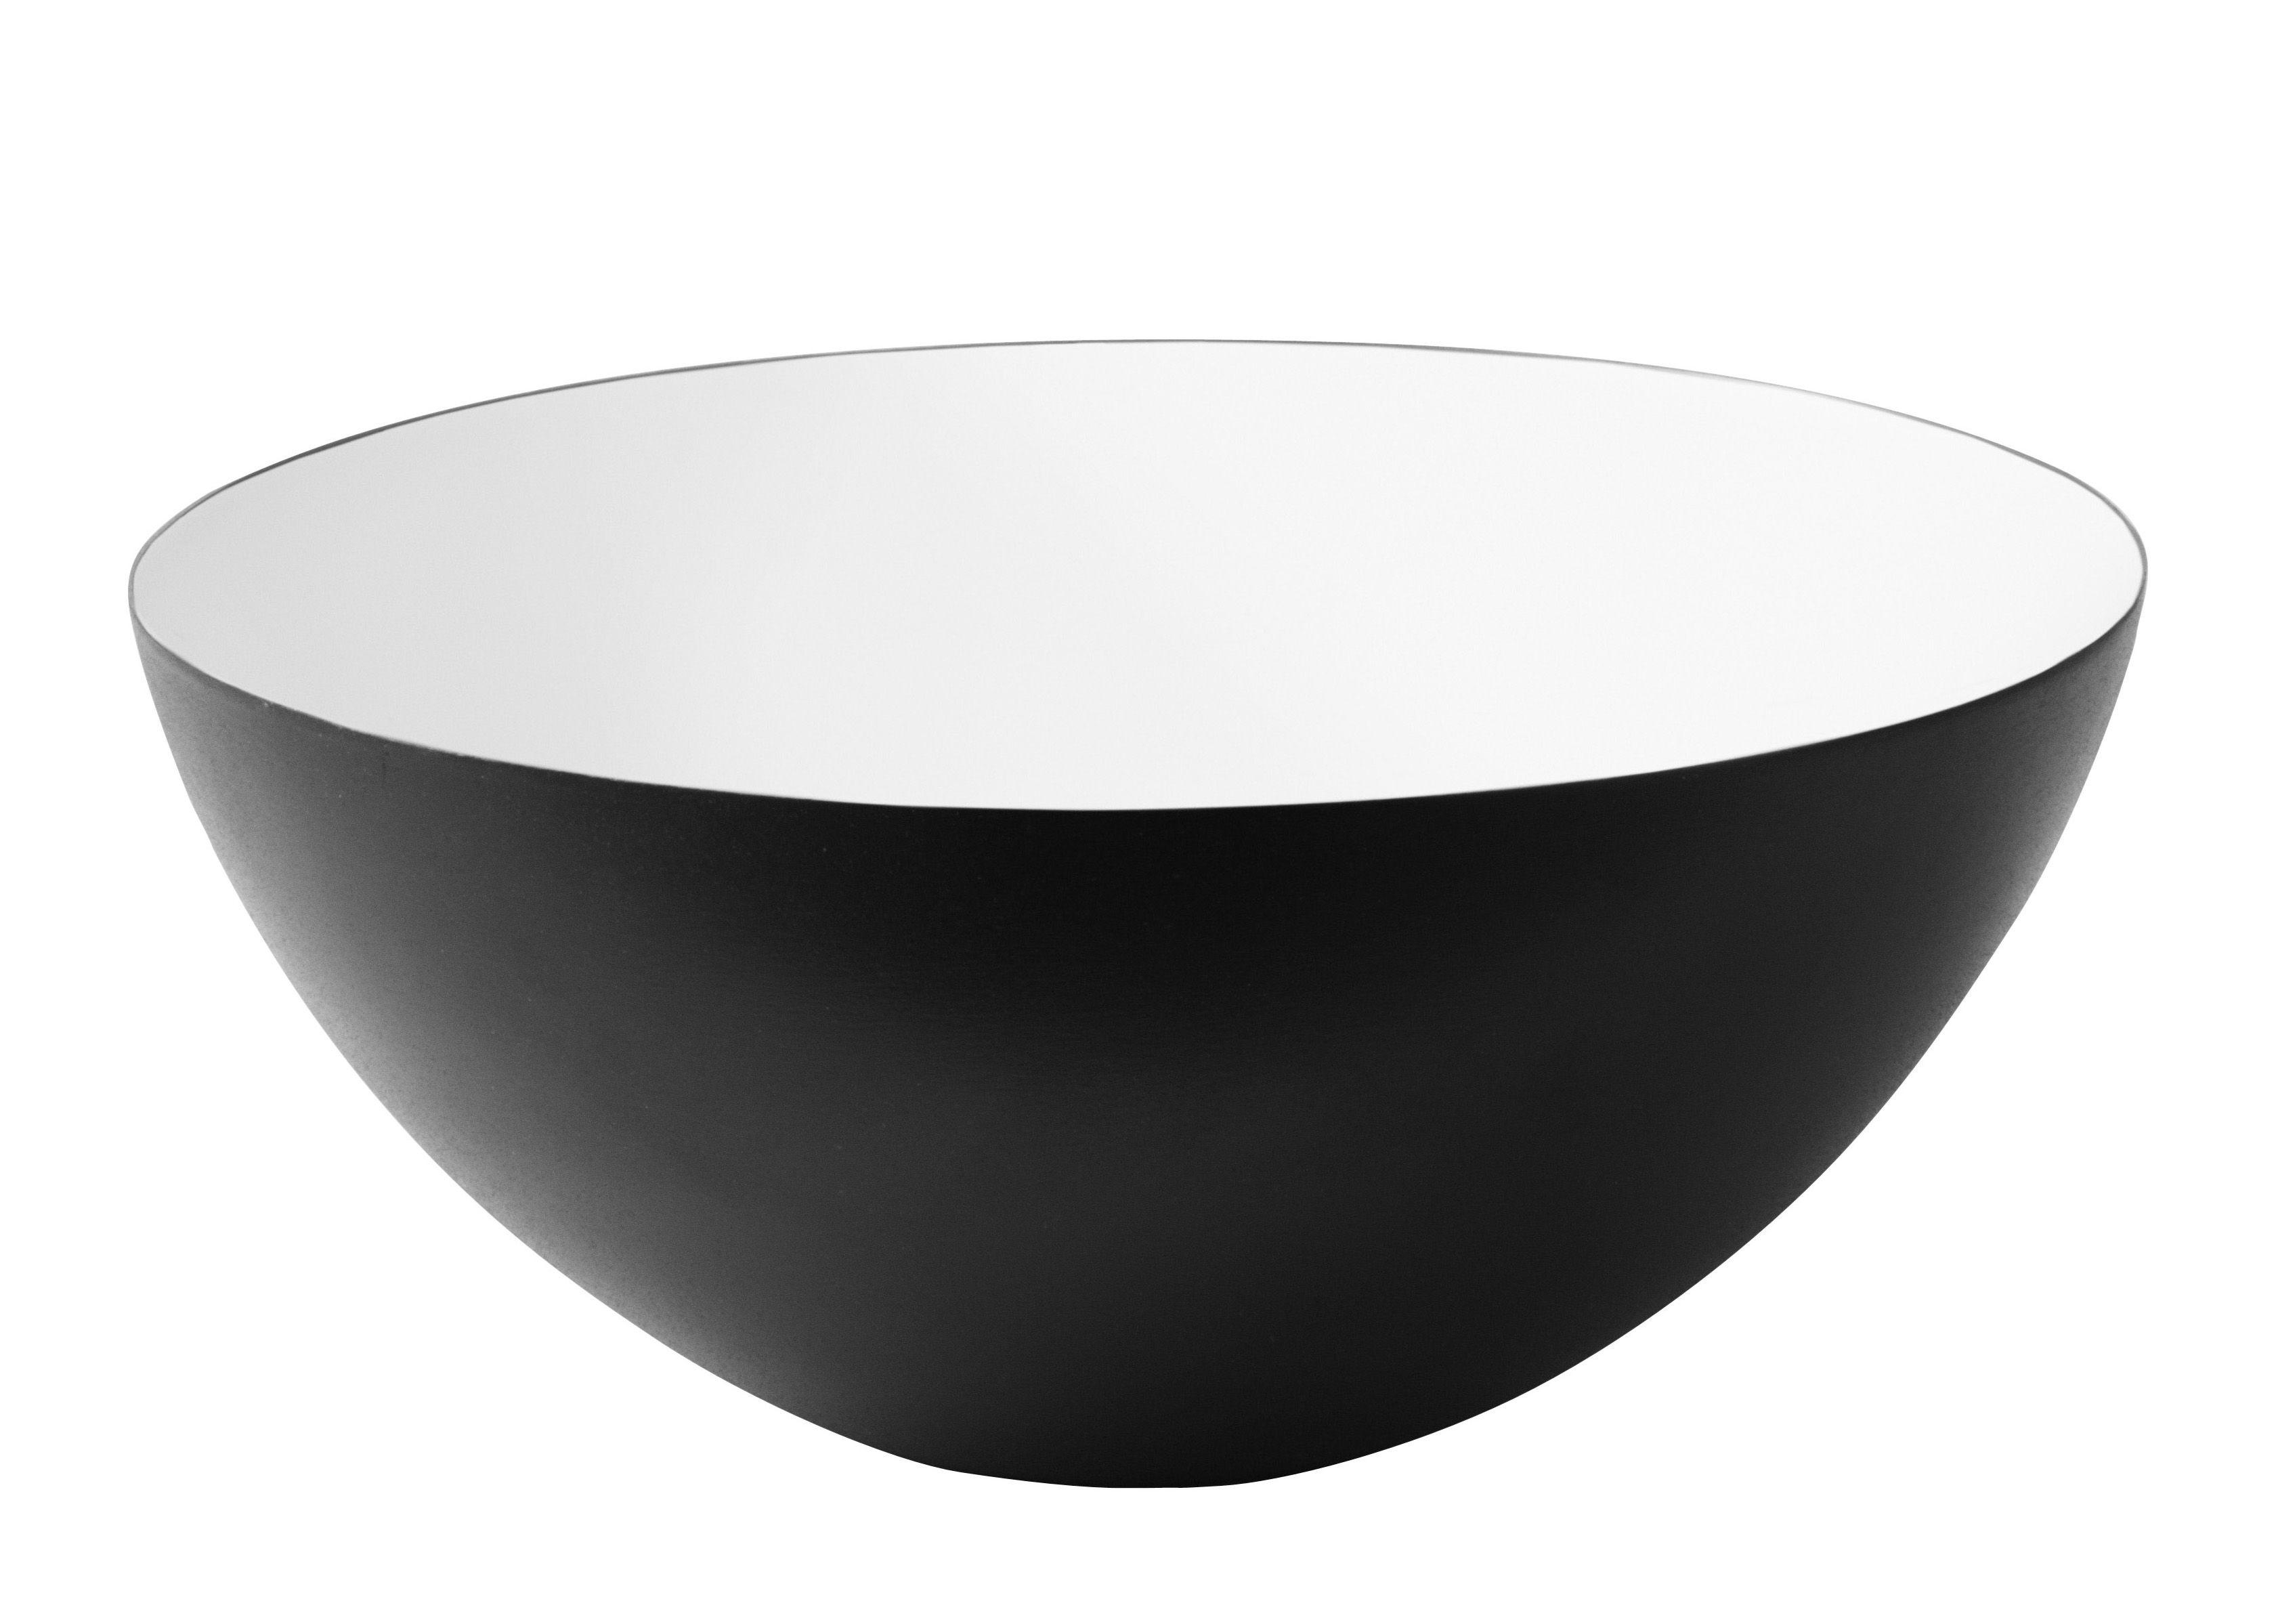 Tischkultur - Salatschüsseln und Schalen - Krenit Schale Ø 8,4 cm - Normann Copenhagen - Schwarz - innen weiß - emaillierter Stahl